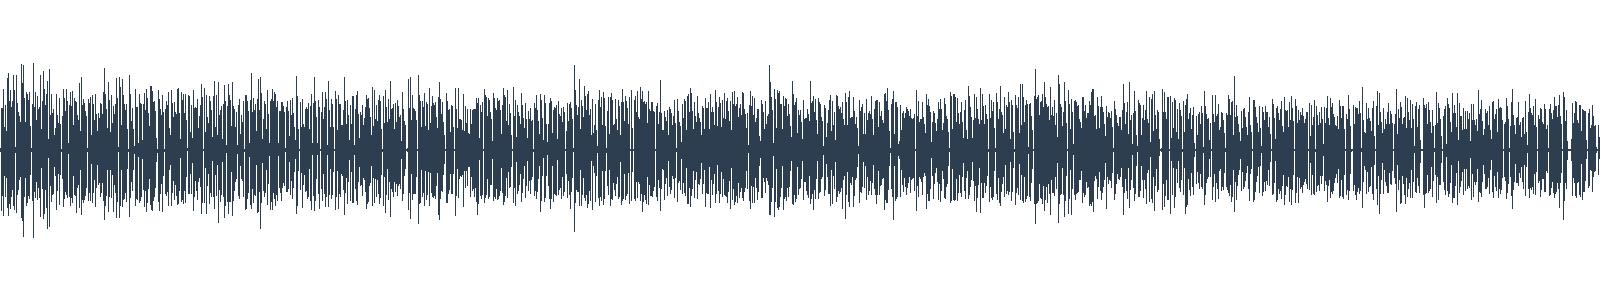 Historie KICKSTARTERu waveform